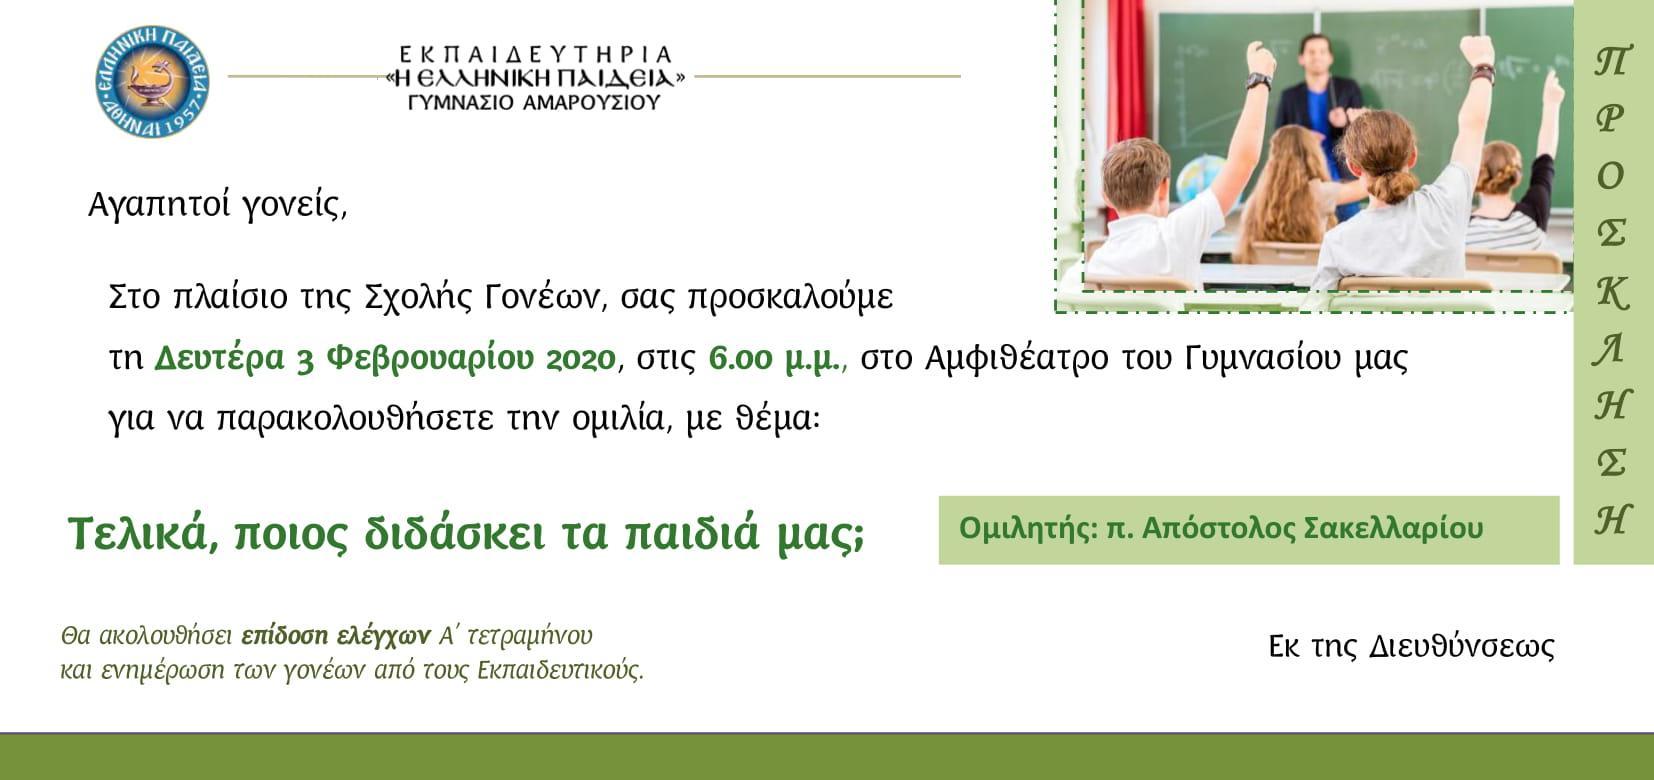 Πρόσκληση ομιλίας και επίδοσης ελέγχων